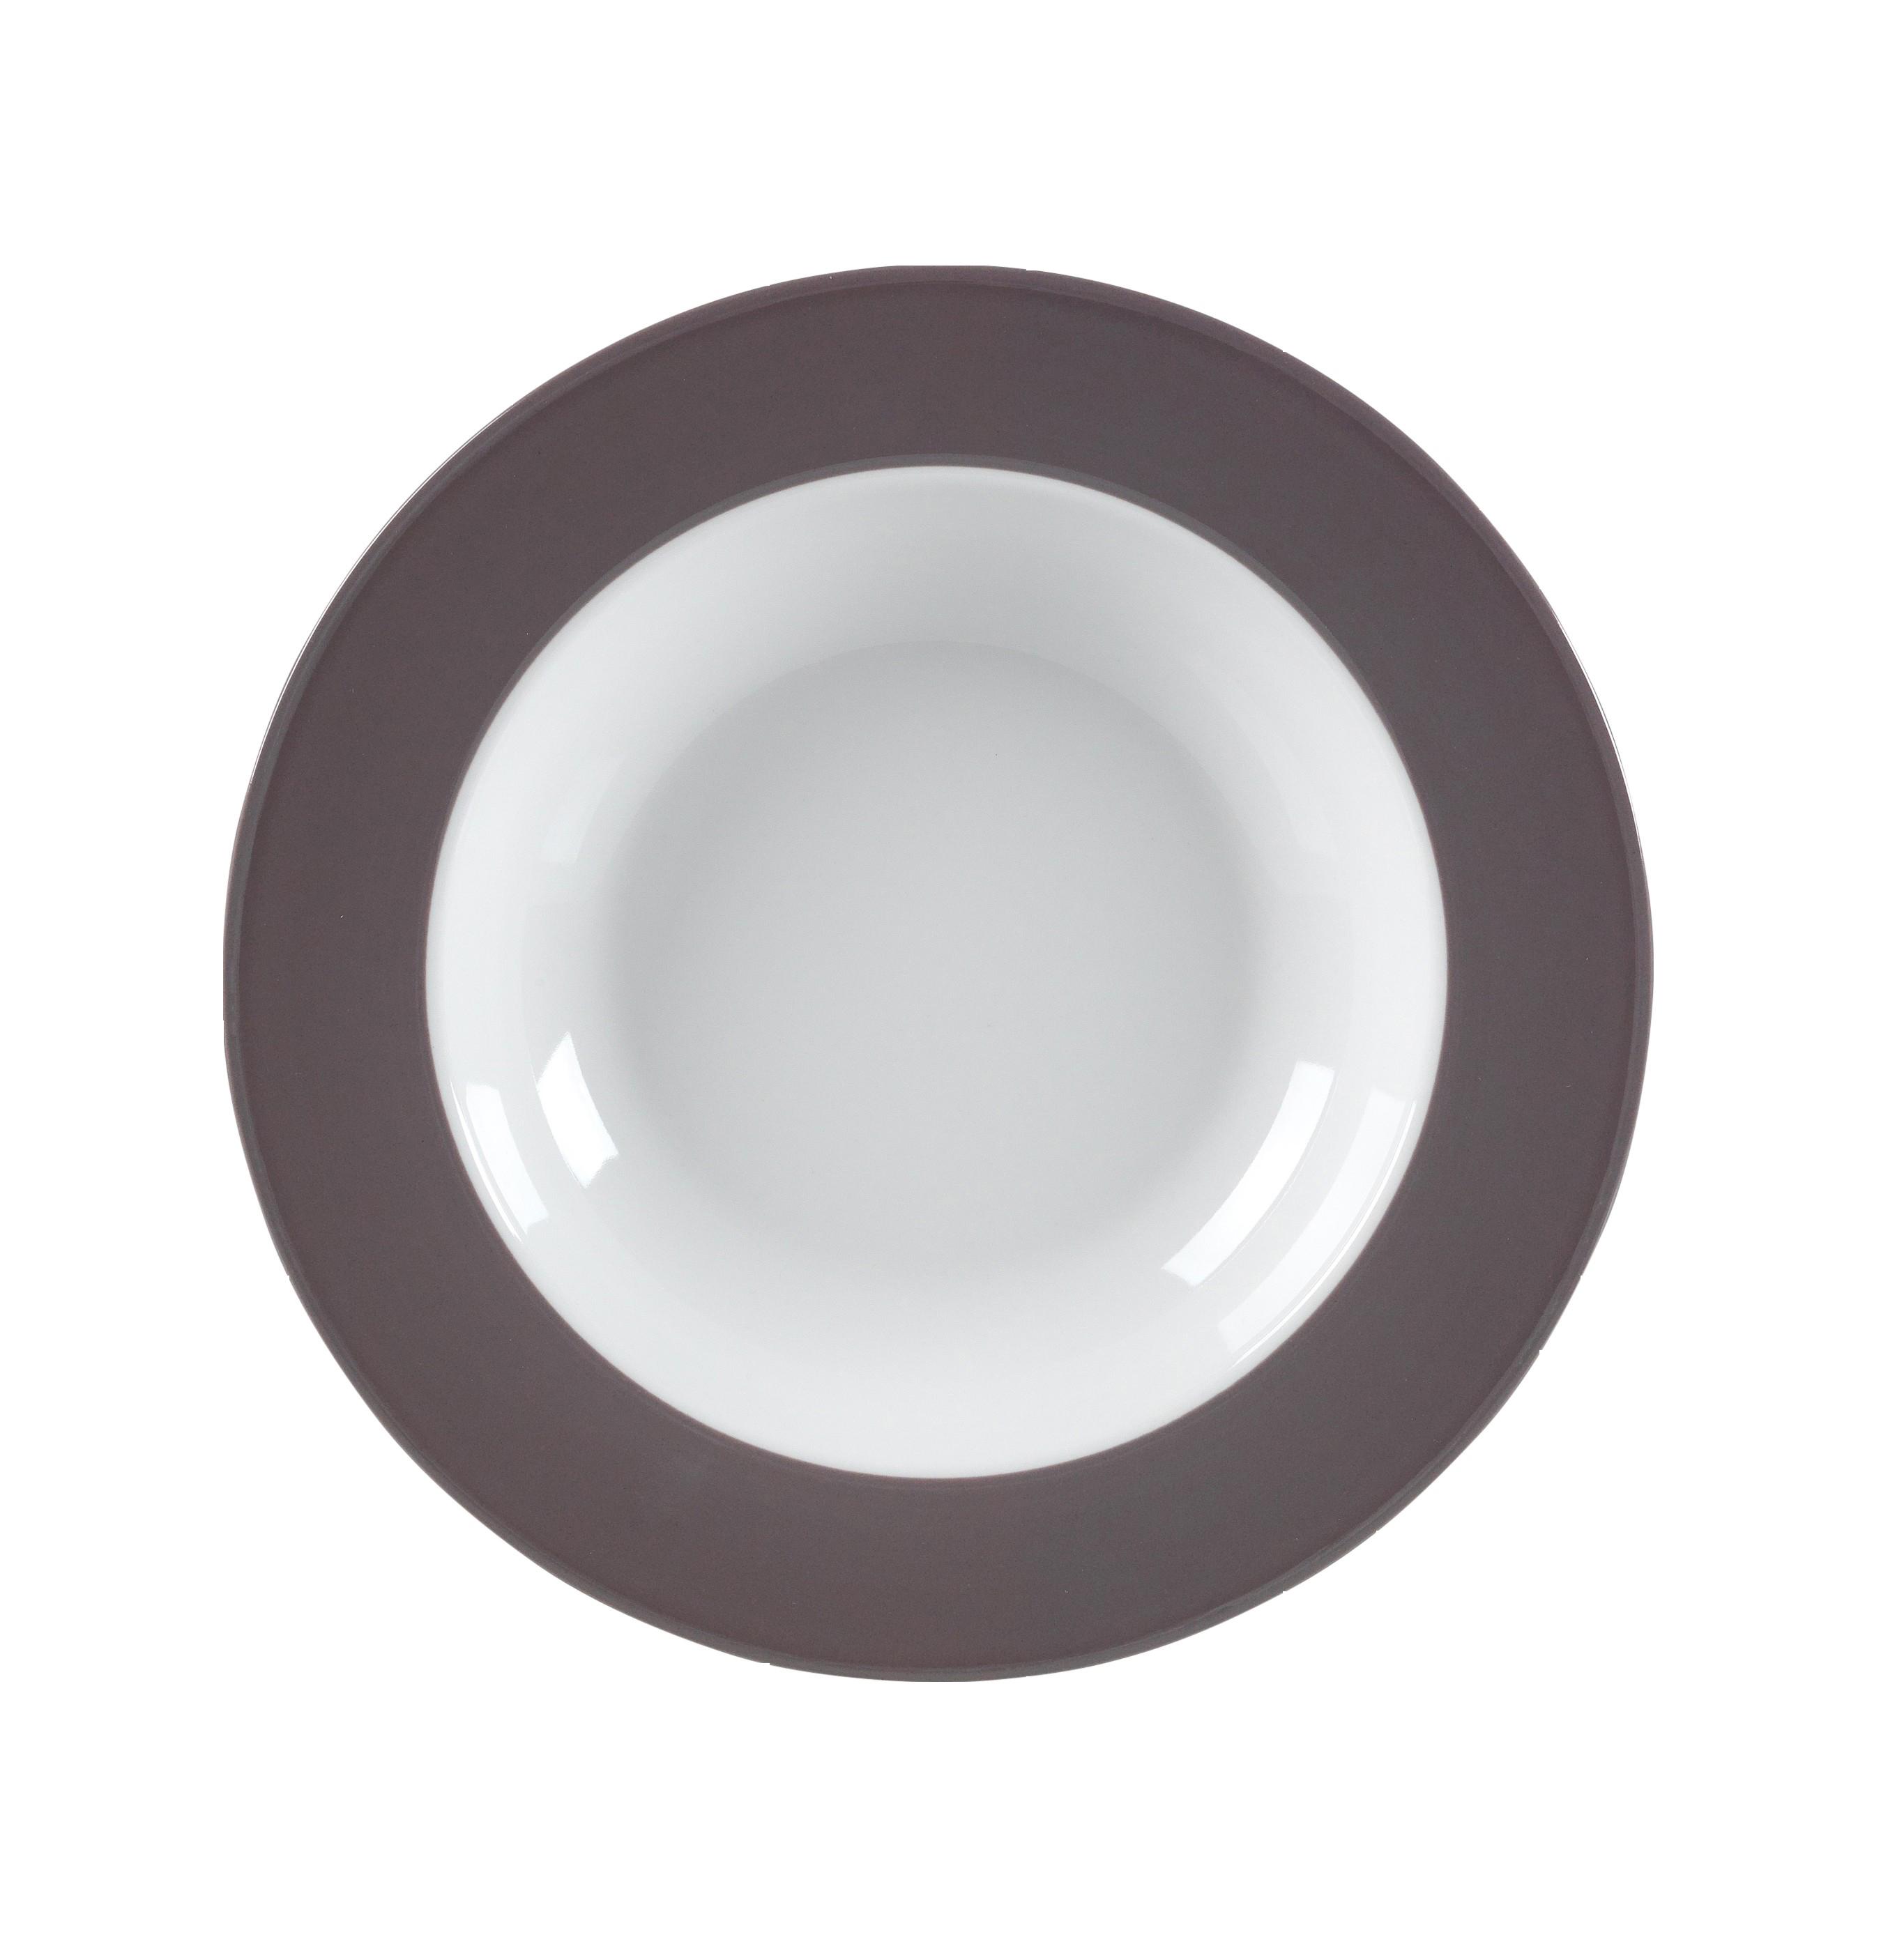 TELLER TIEF           TOFFEE DOPPIO Standard